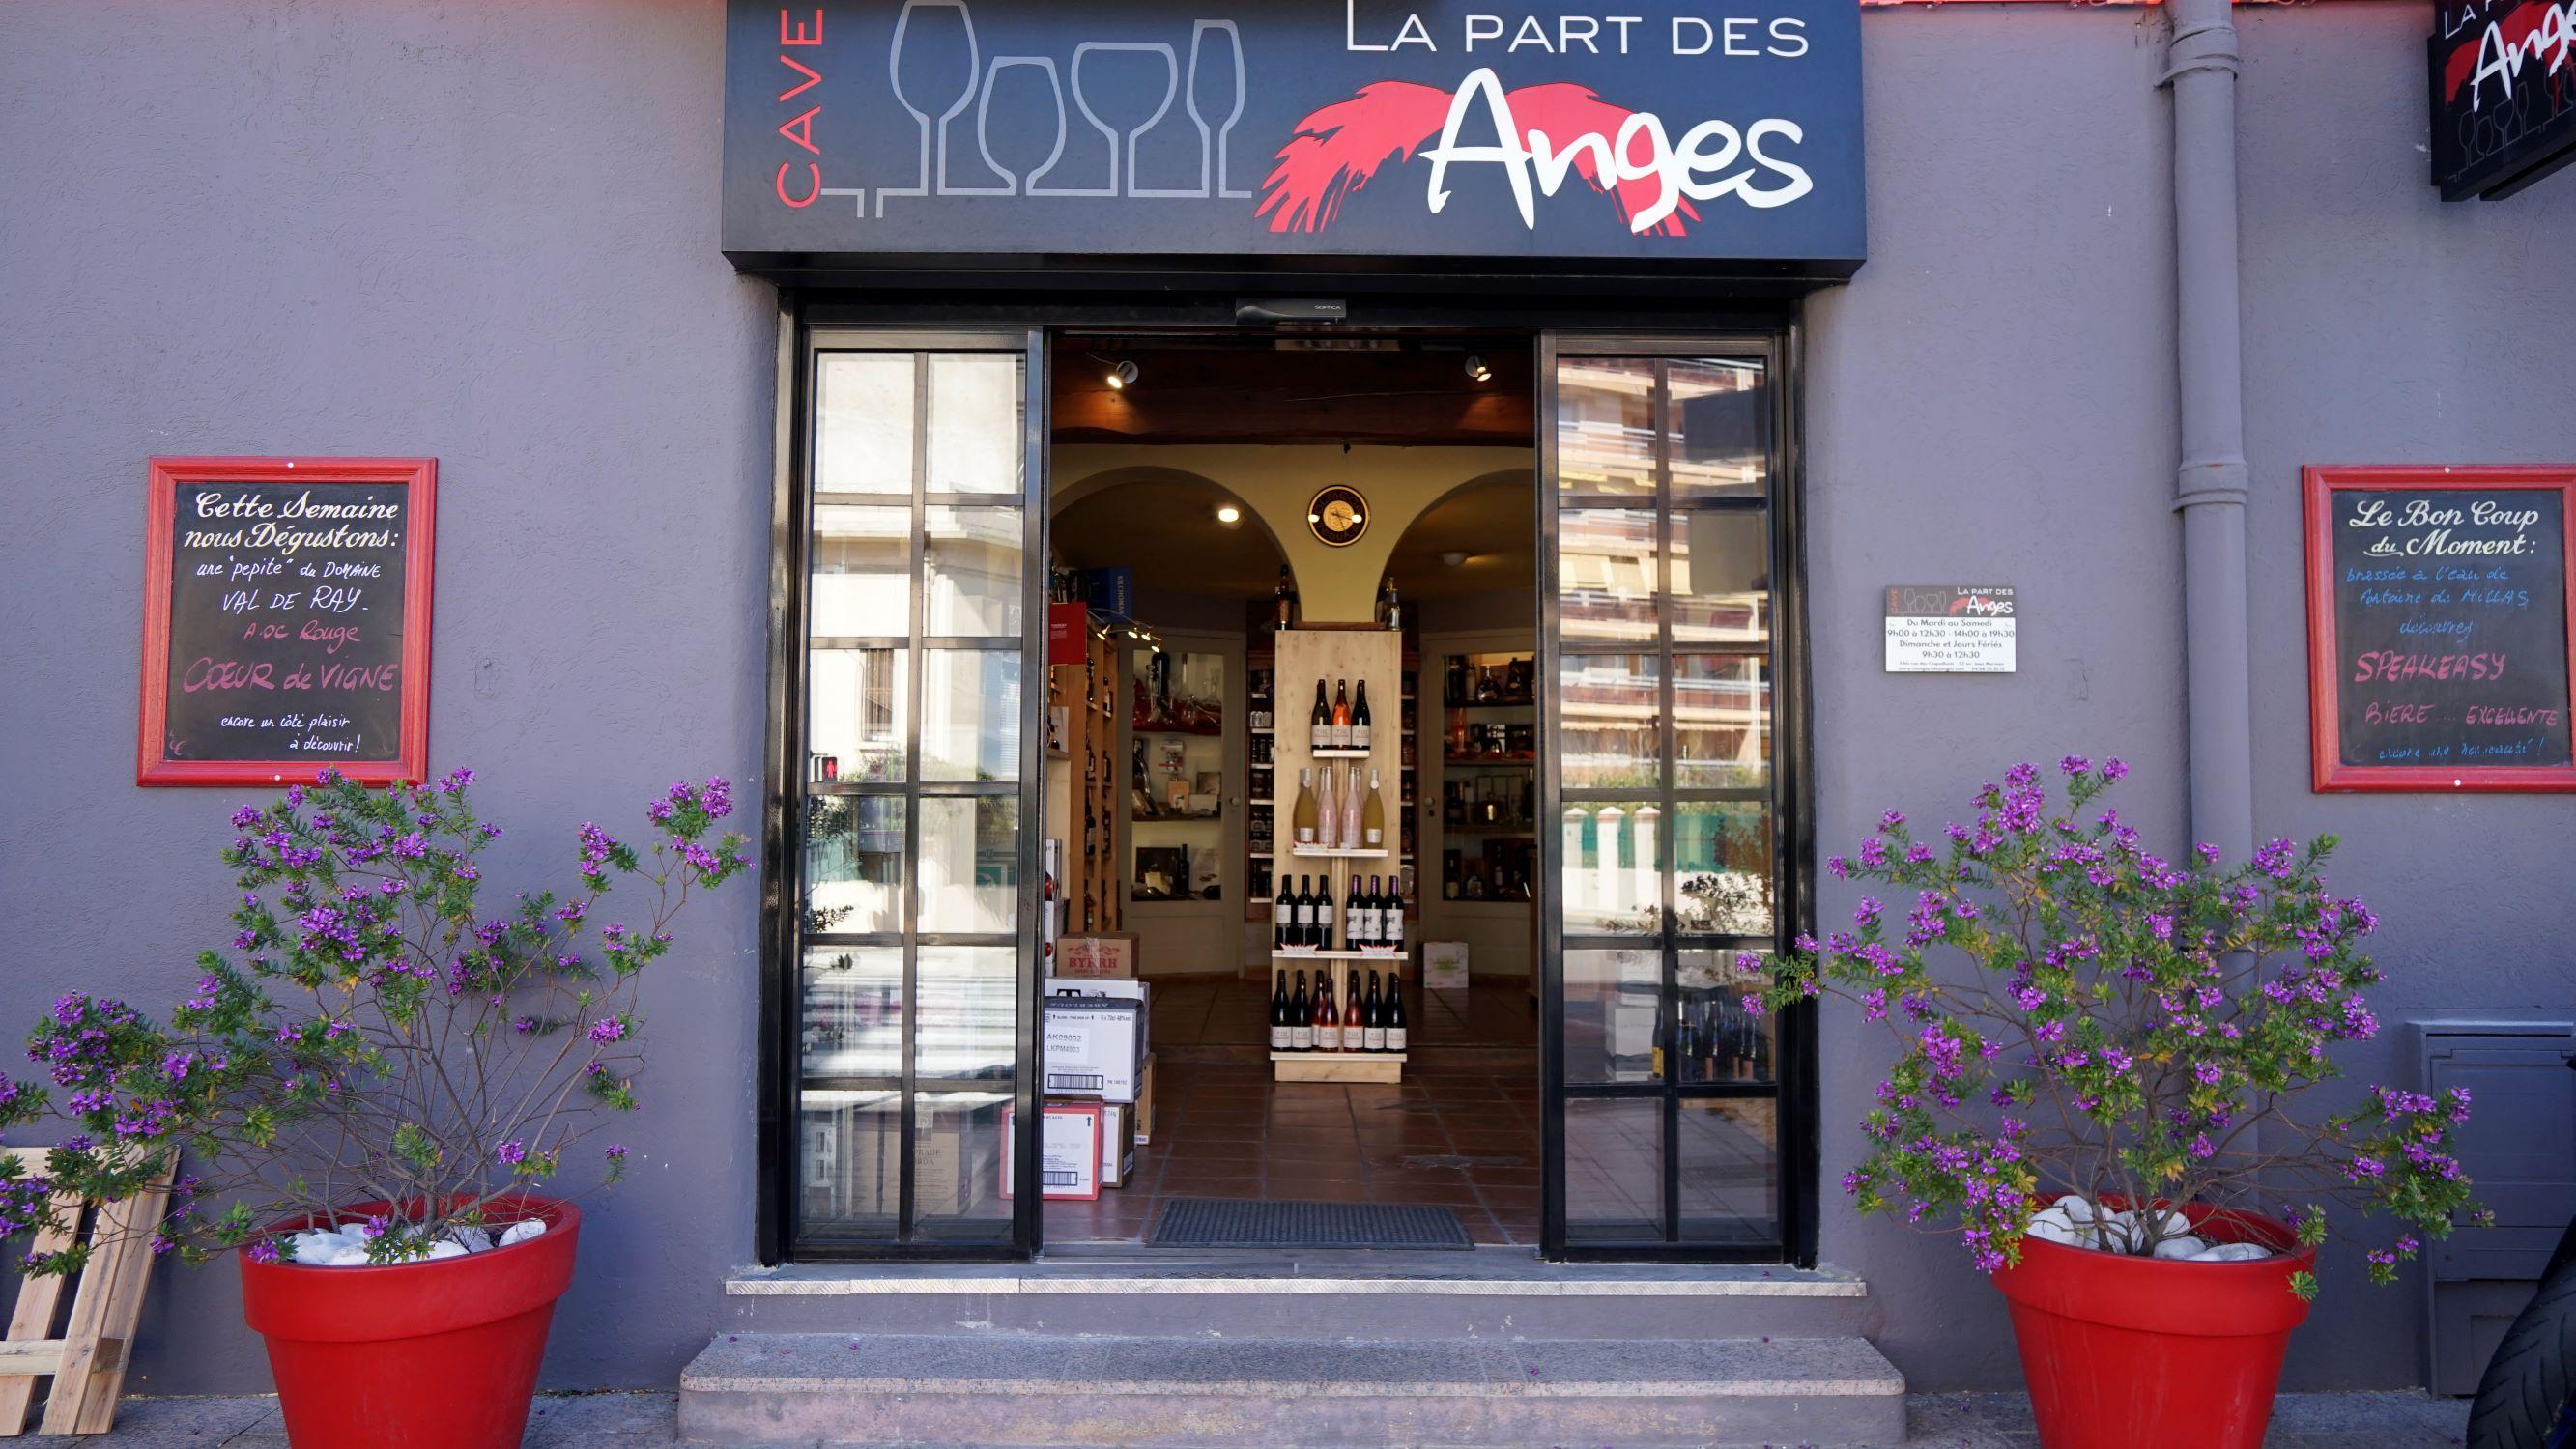 Photo N°1 : LA PART DES ANGES